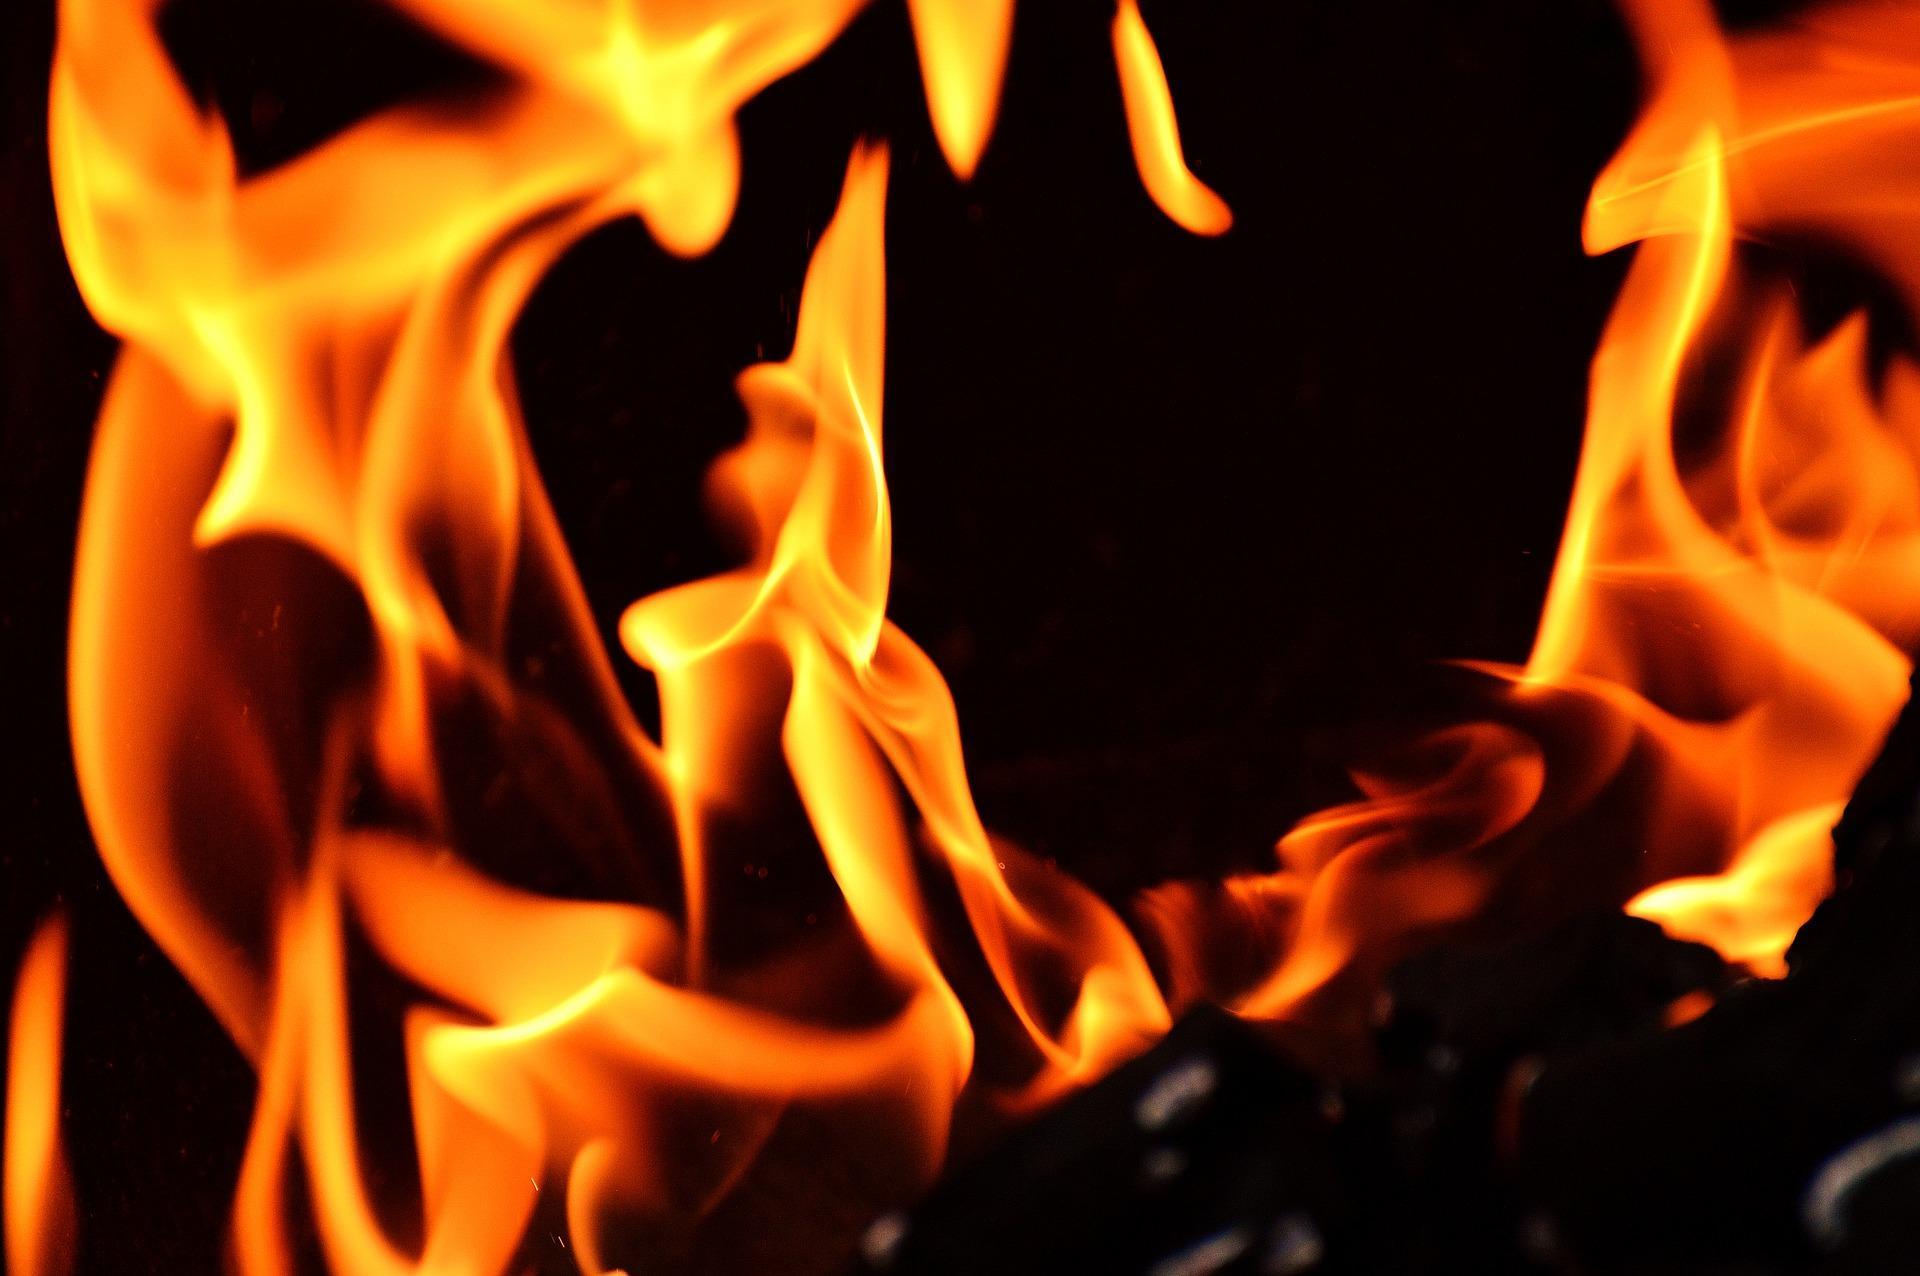 Житель Башкирии попытался сжечь заживо свою тёщу